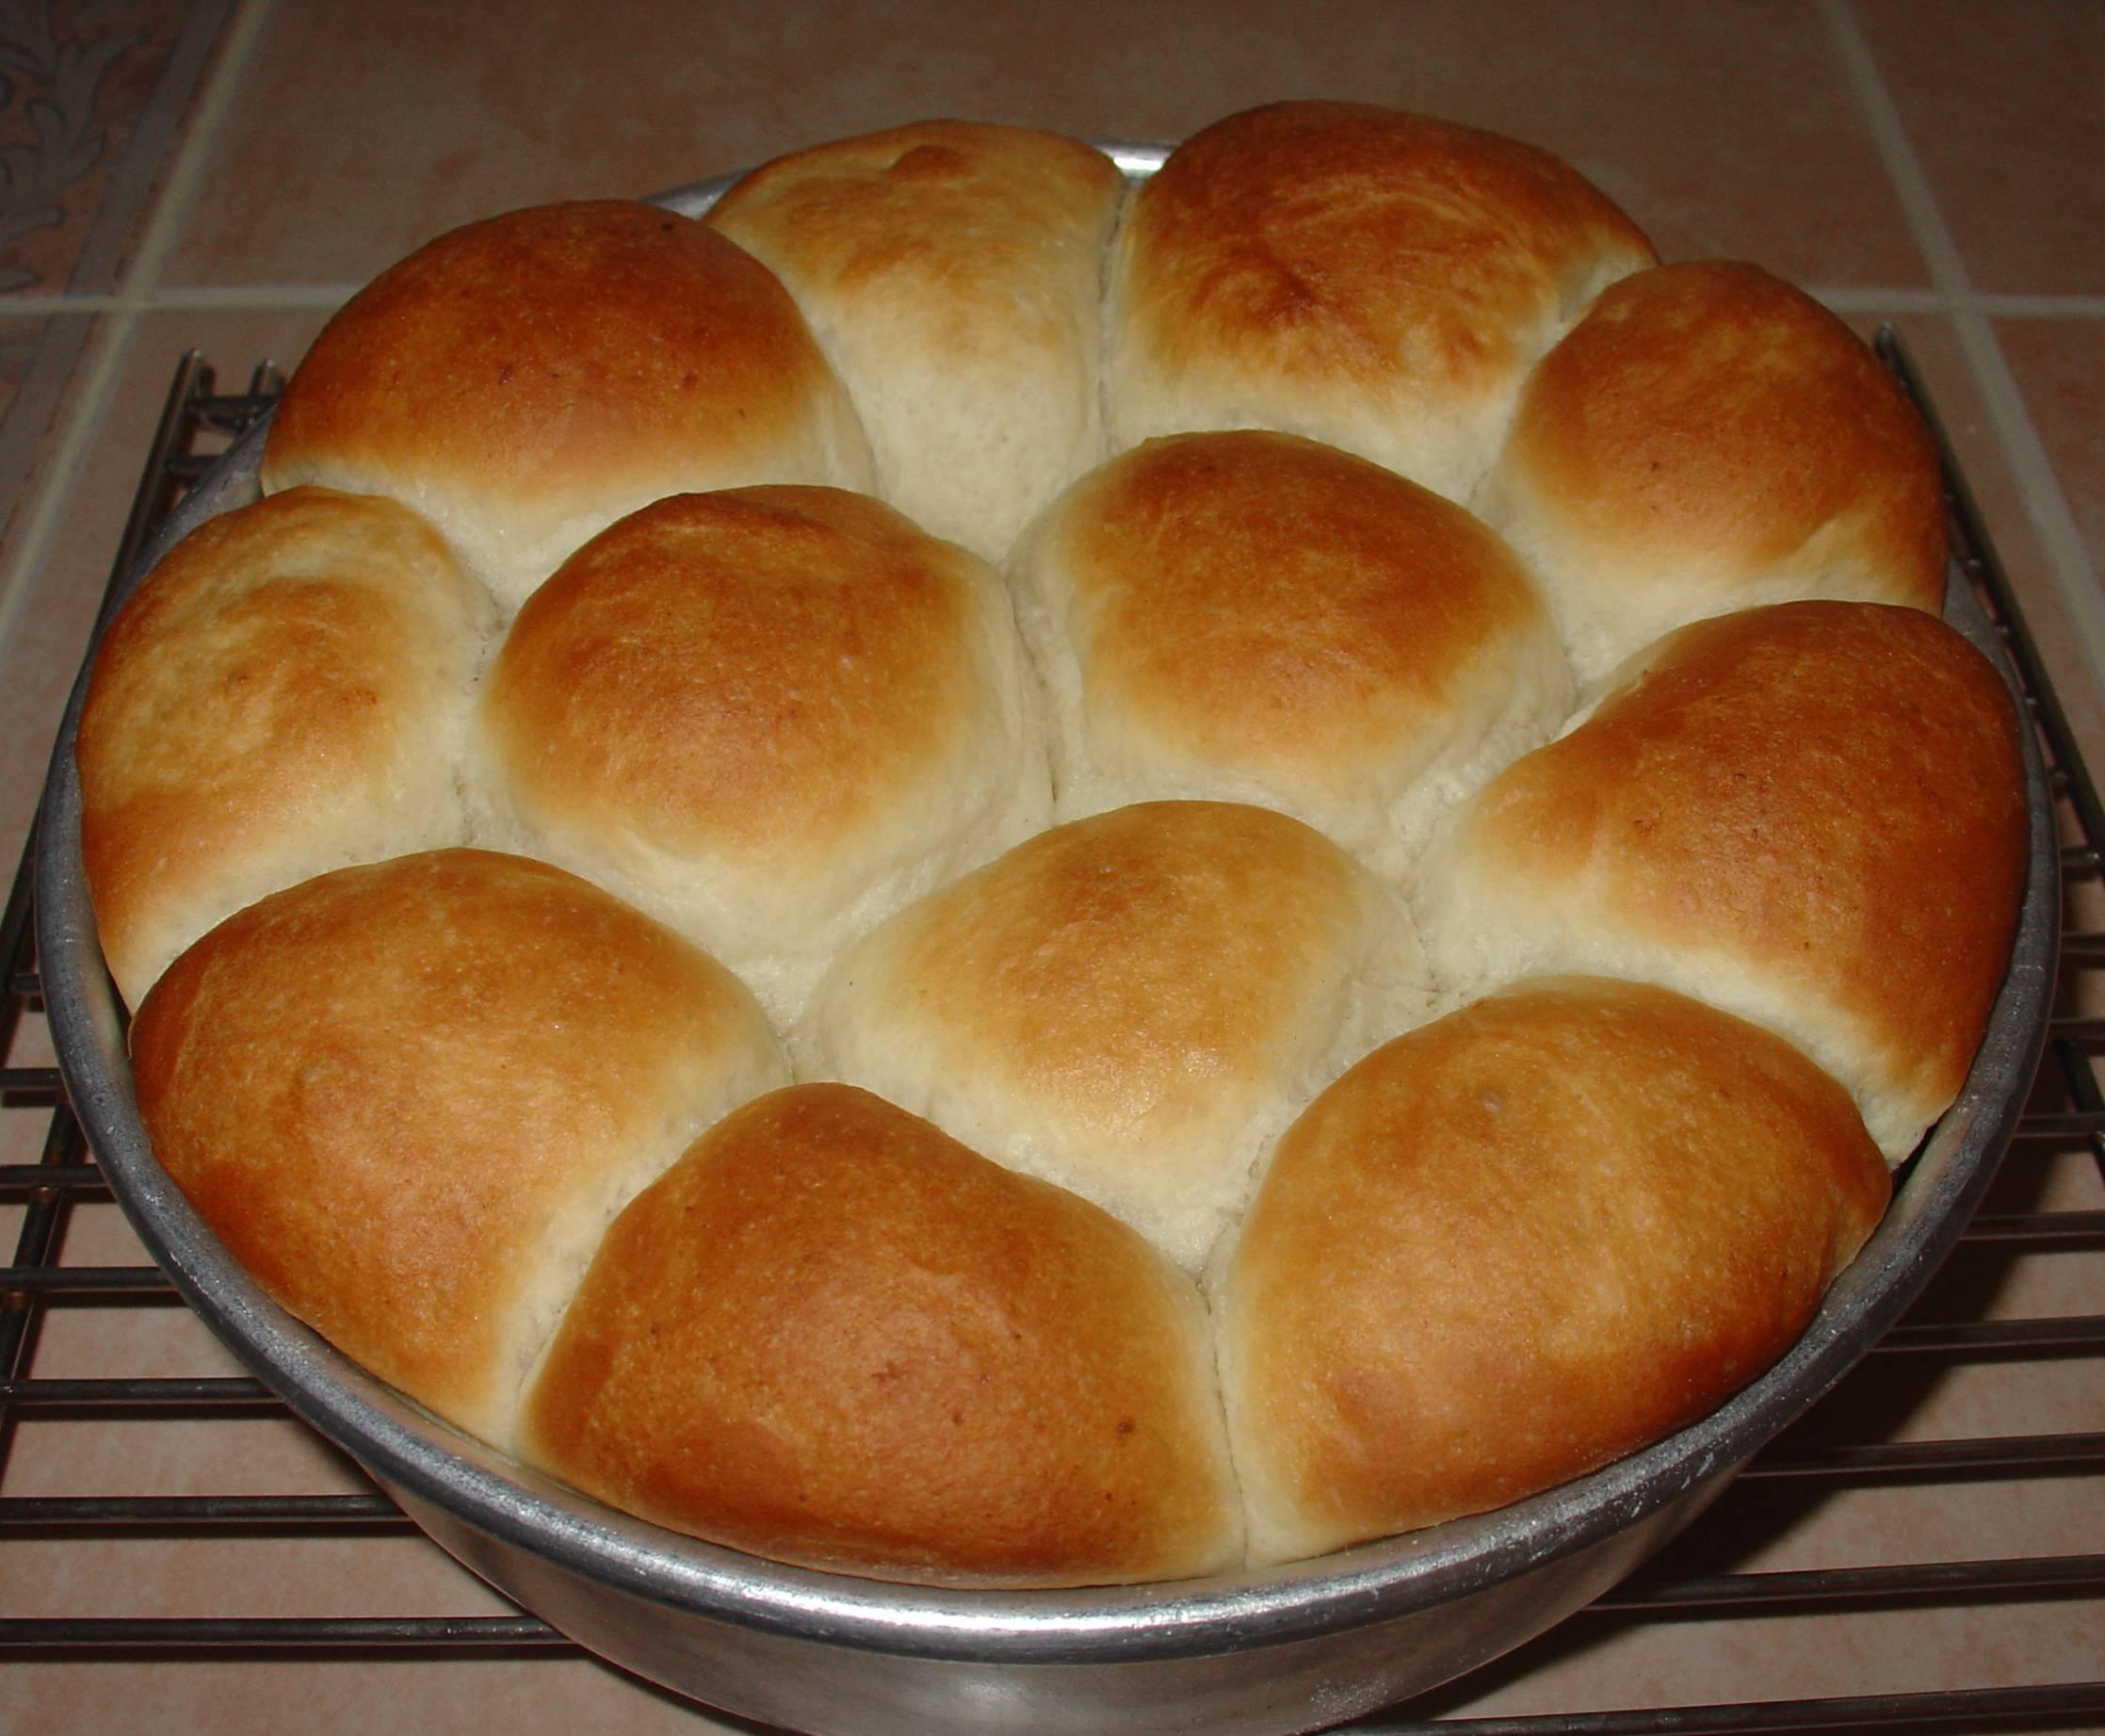 bake dinner rolls bake dinner rolls until golden brown brush